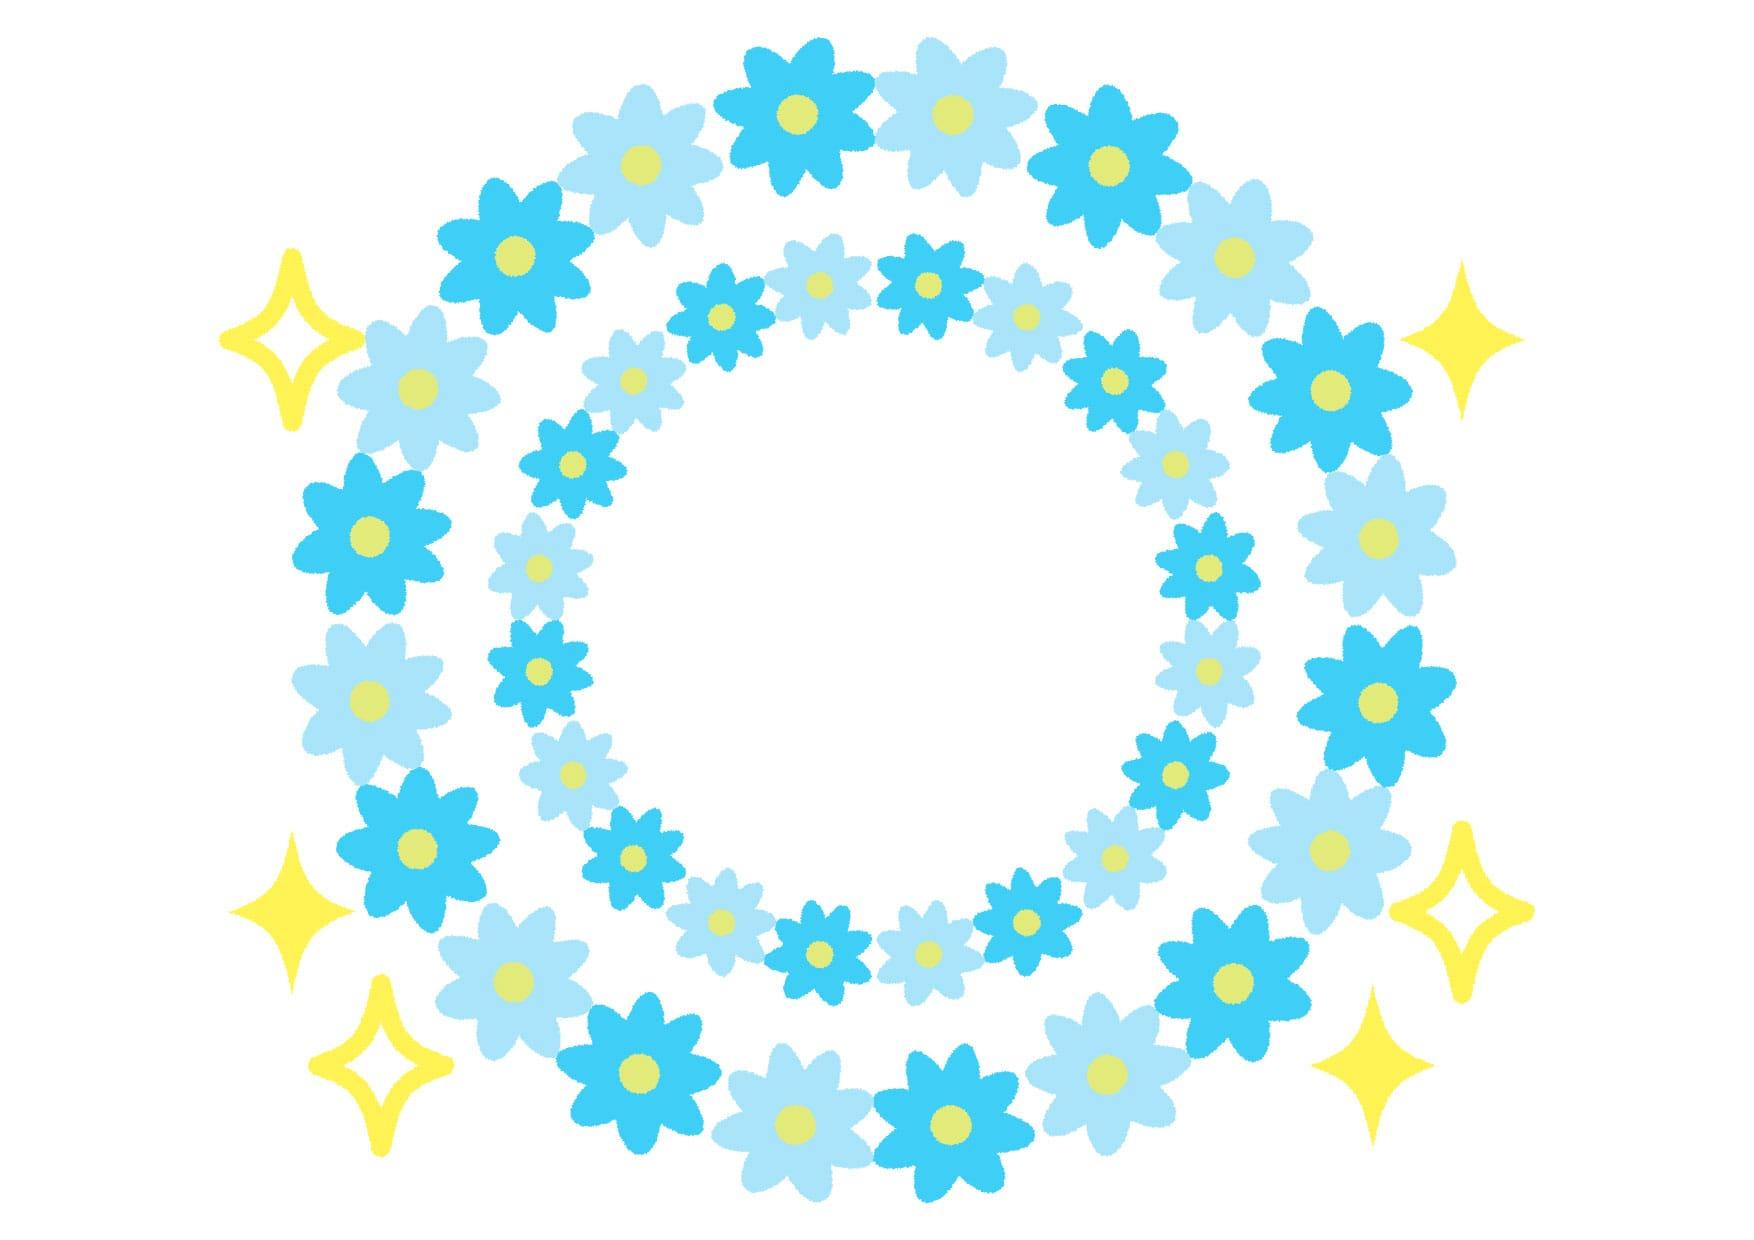 可愛いイラスト無料|花 フレーム 水色 キラキラ − free illustration Flower frame light blue glitter